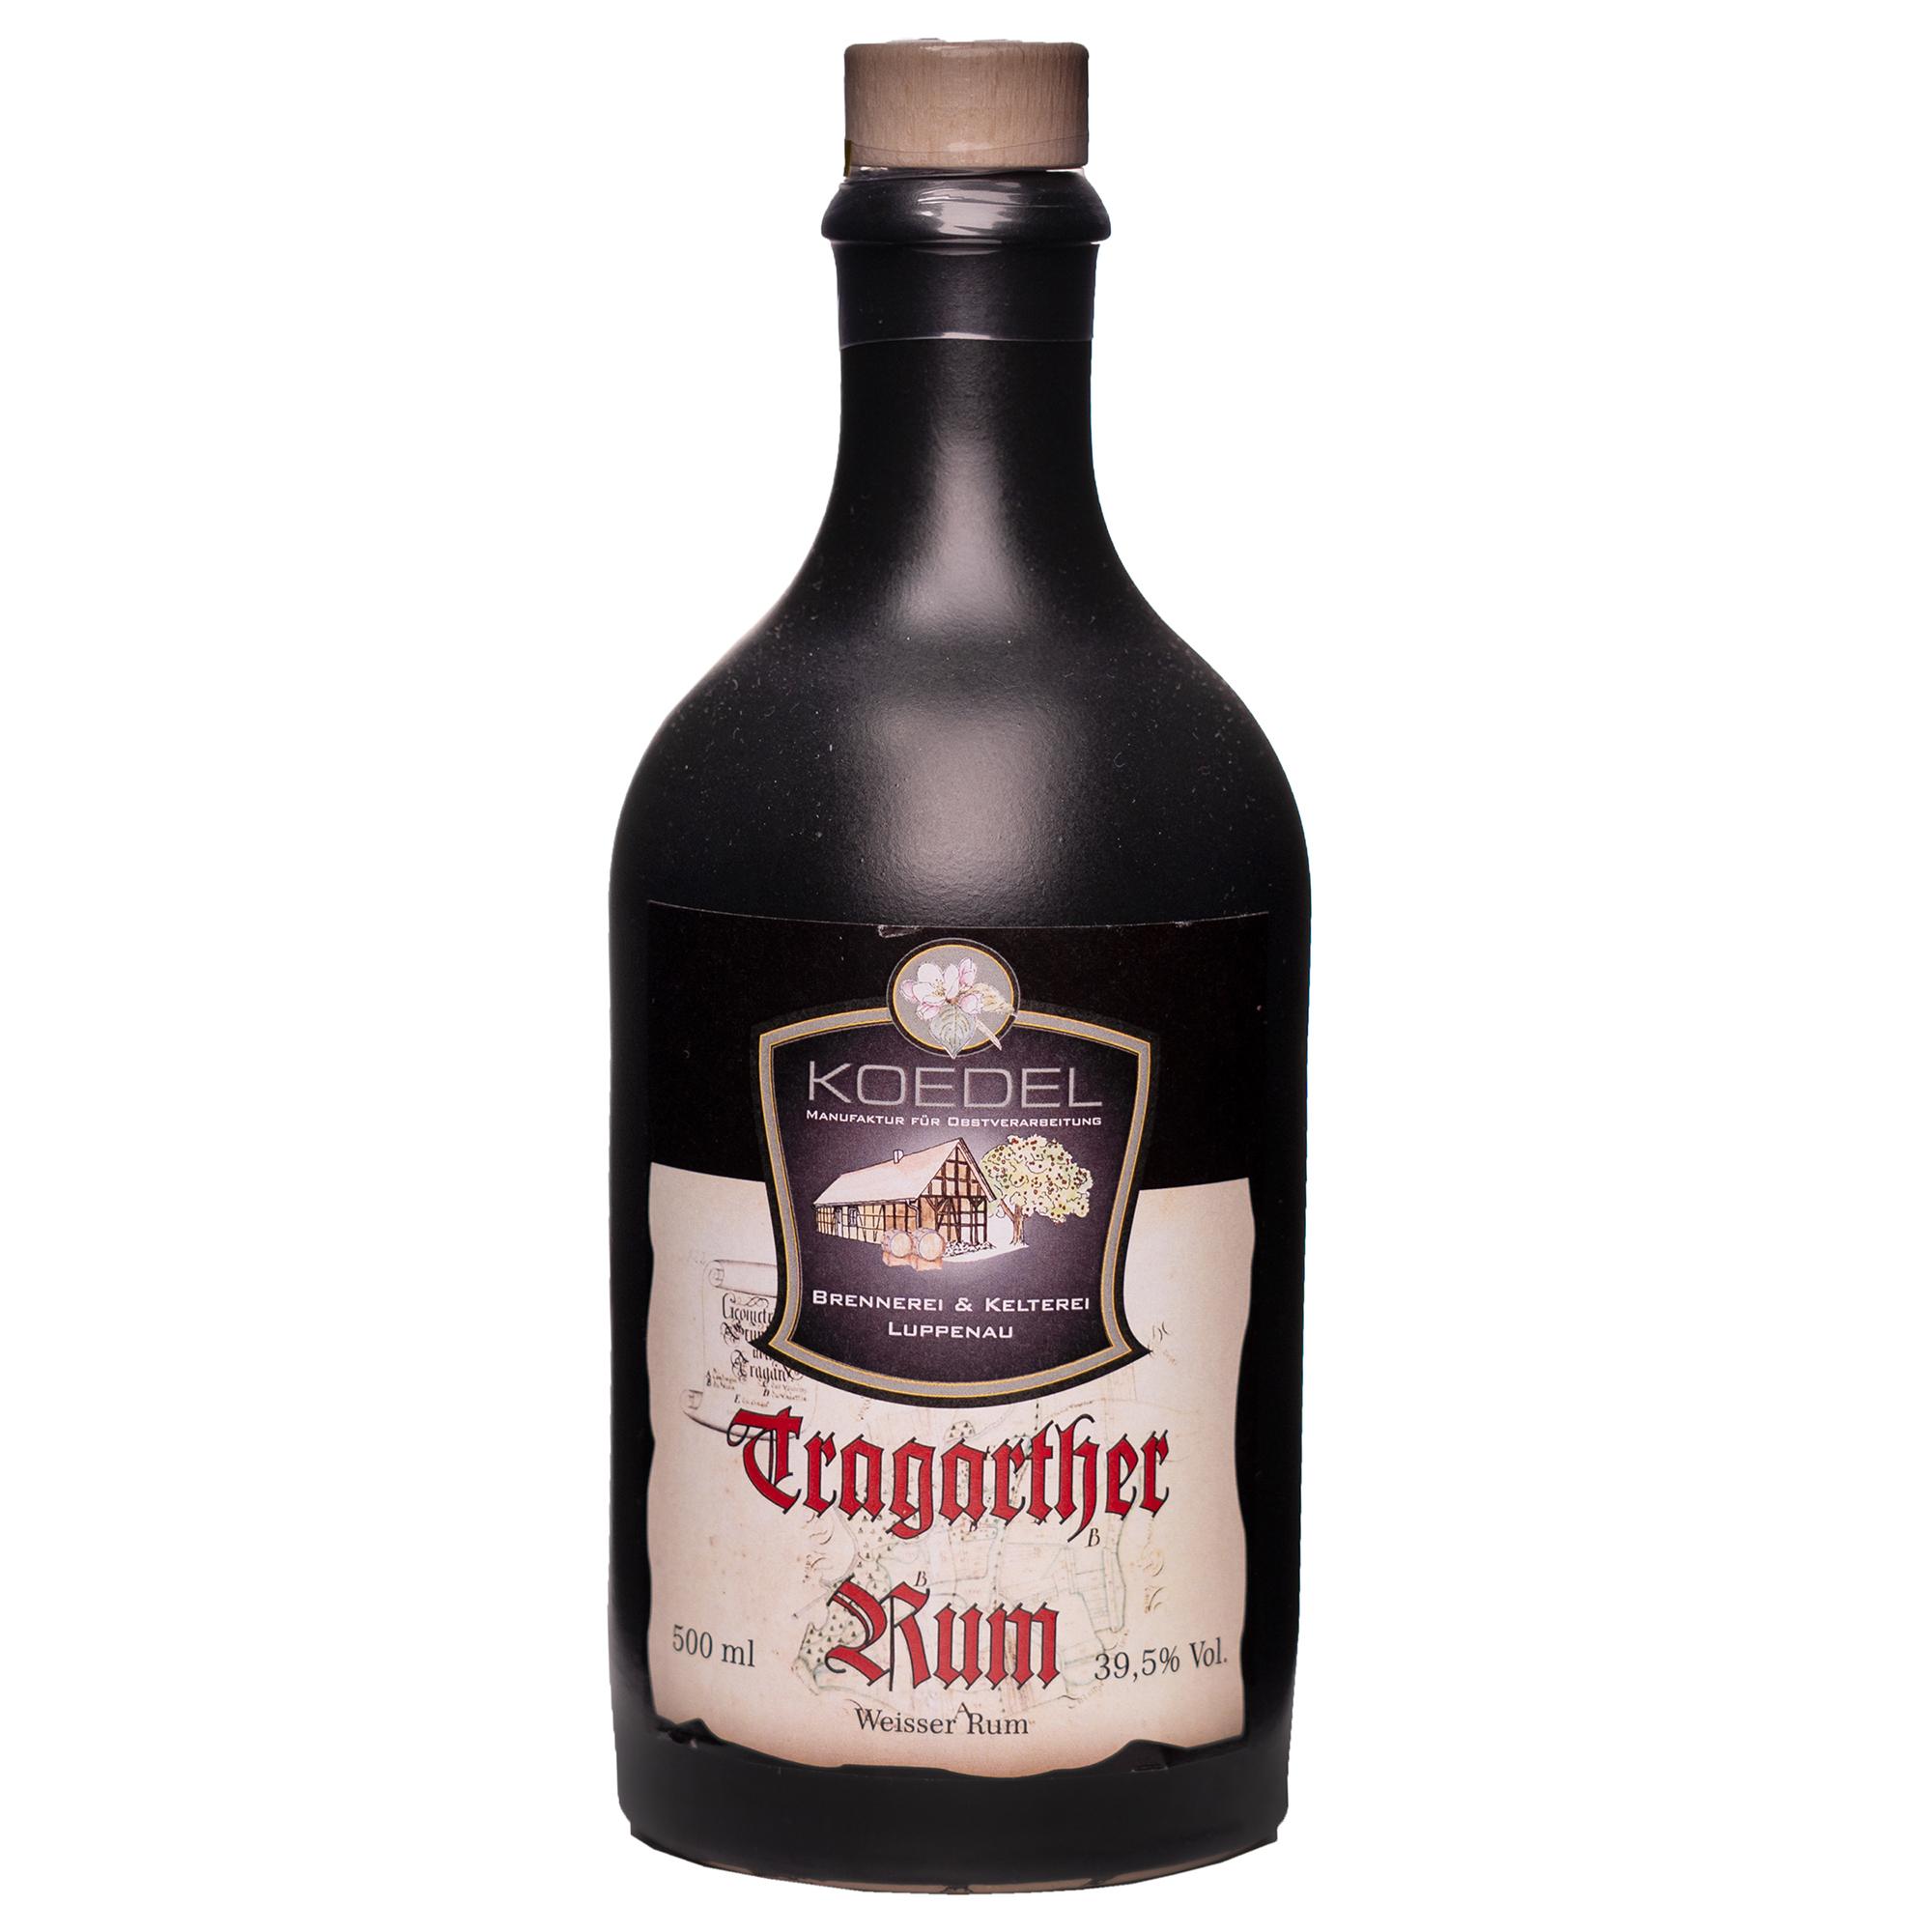 Tragarther Rum, weisser Rum 500ml